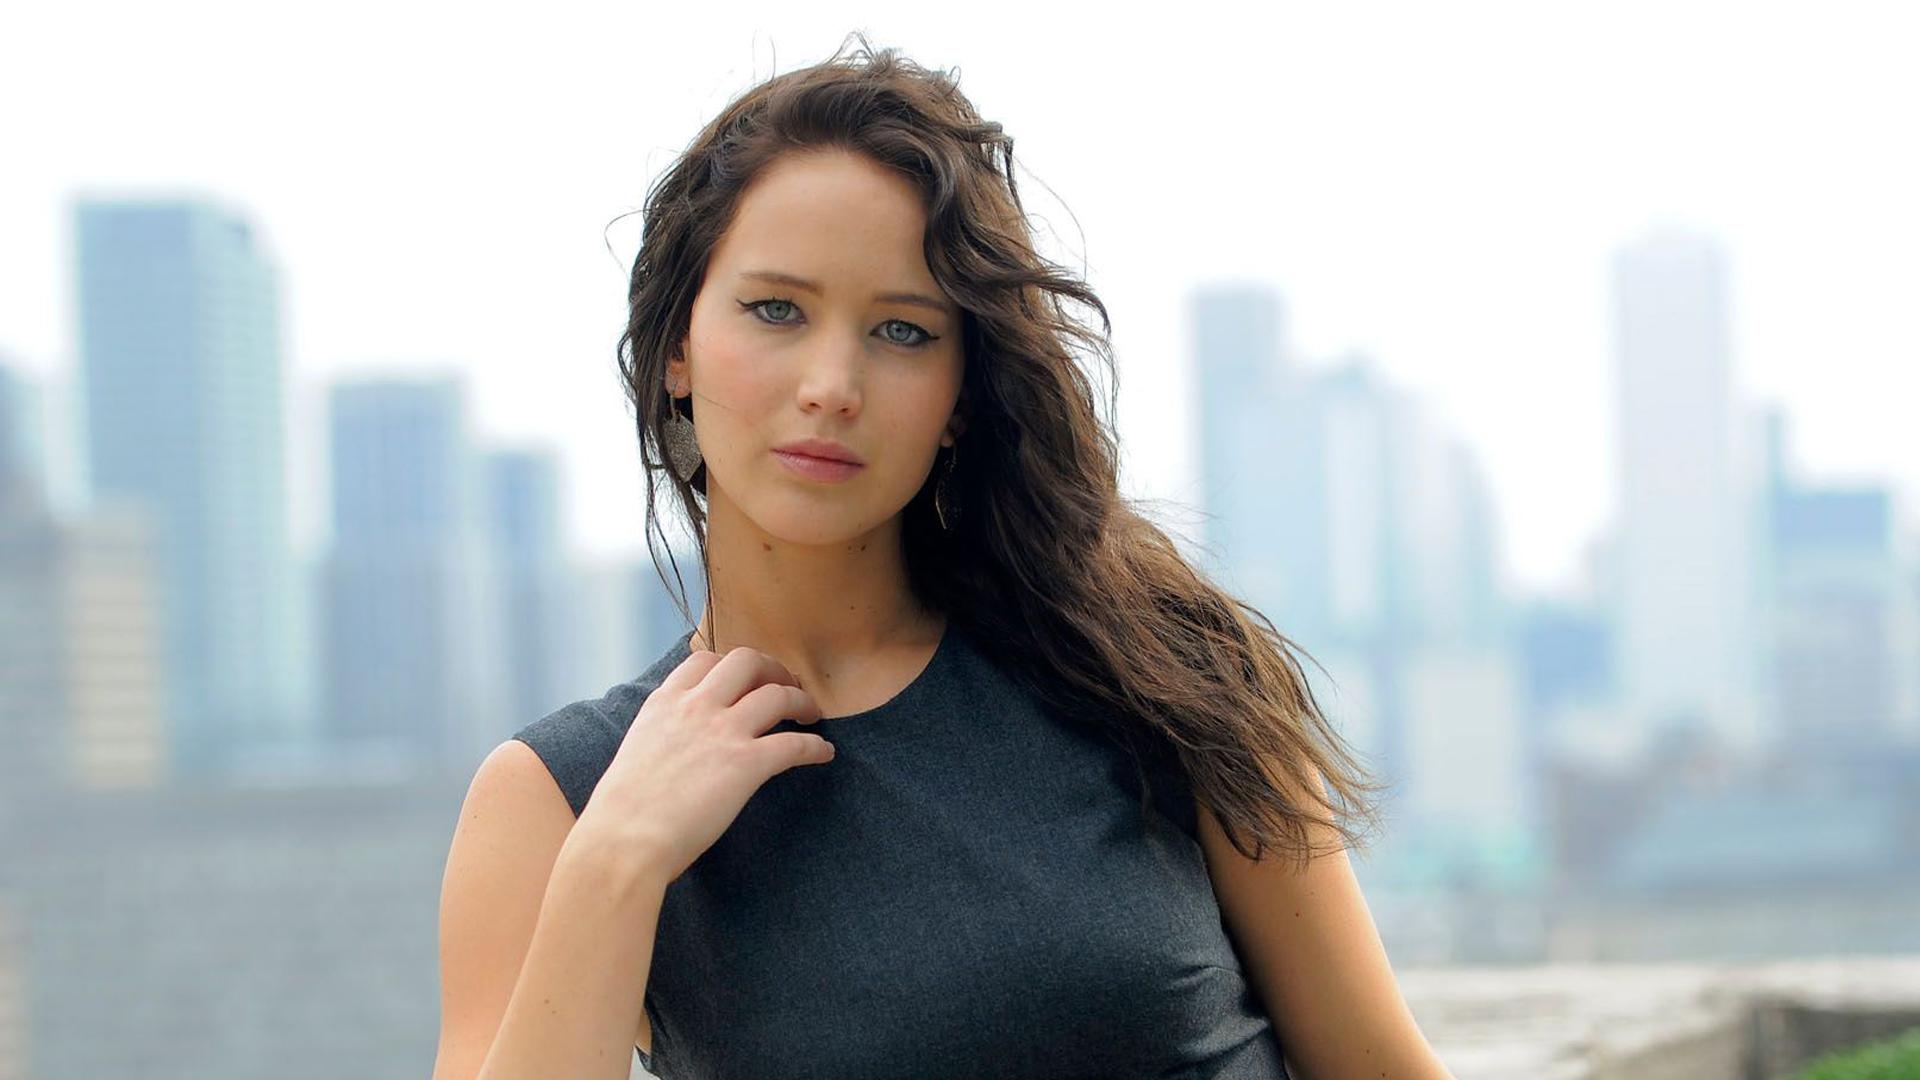 Jennifer lawrence actress photos